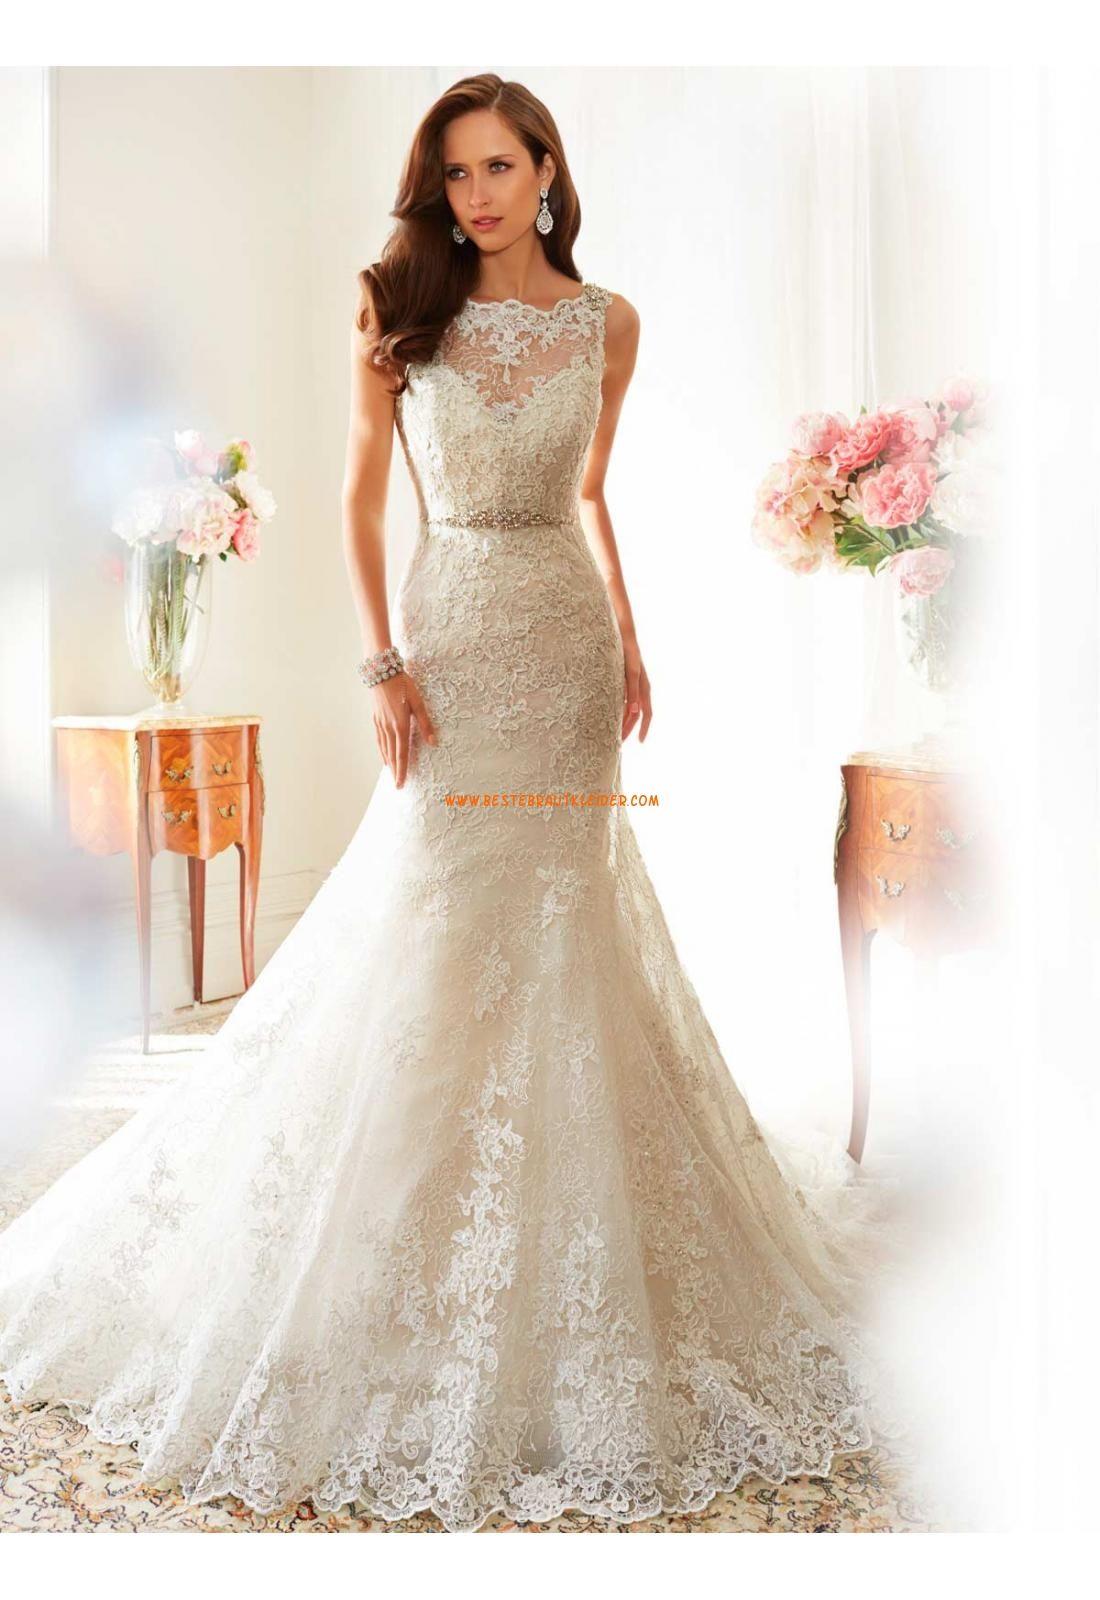 Meerjungfrau Extravagante Schönste Brautkleider aus Spitze mit ...